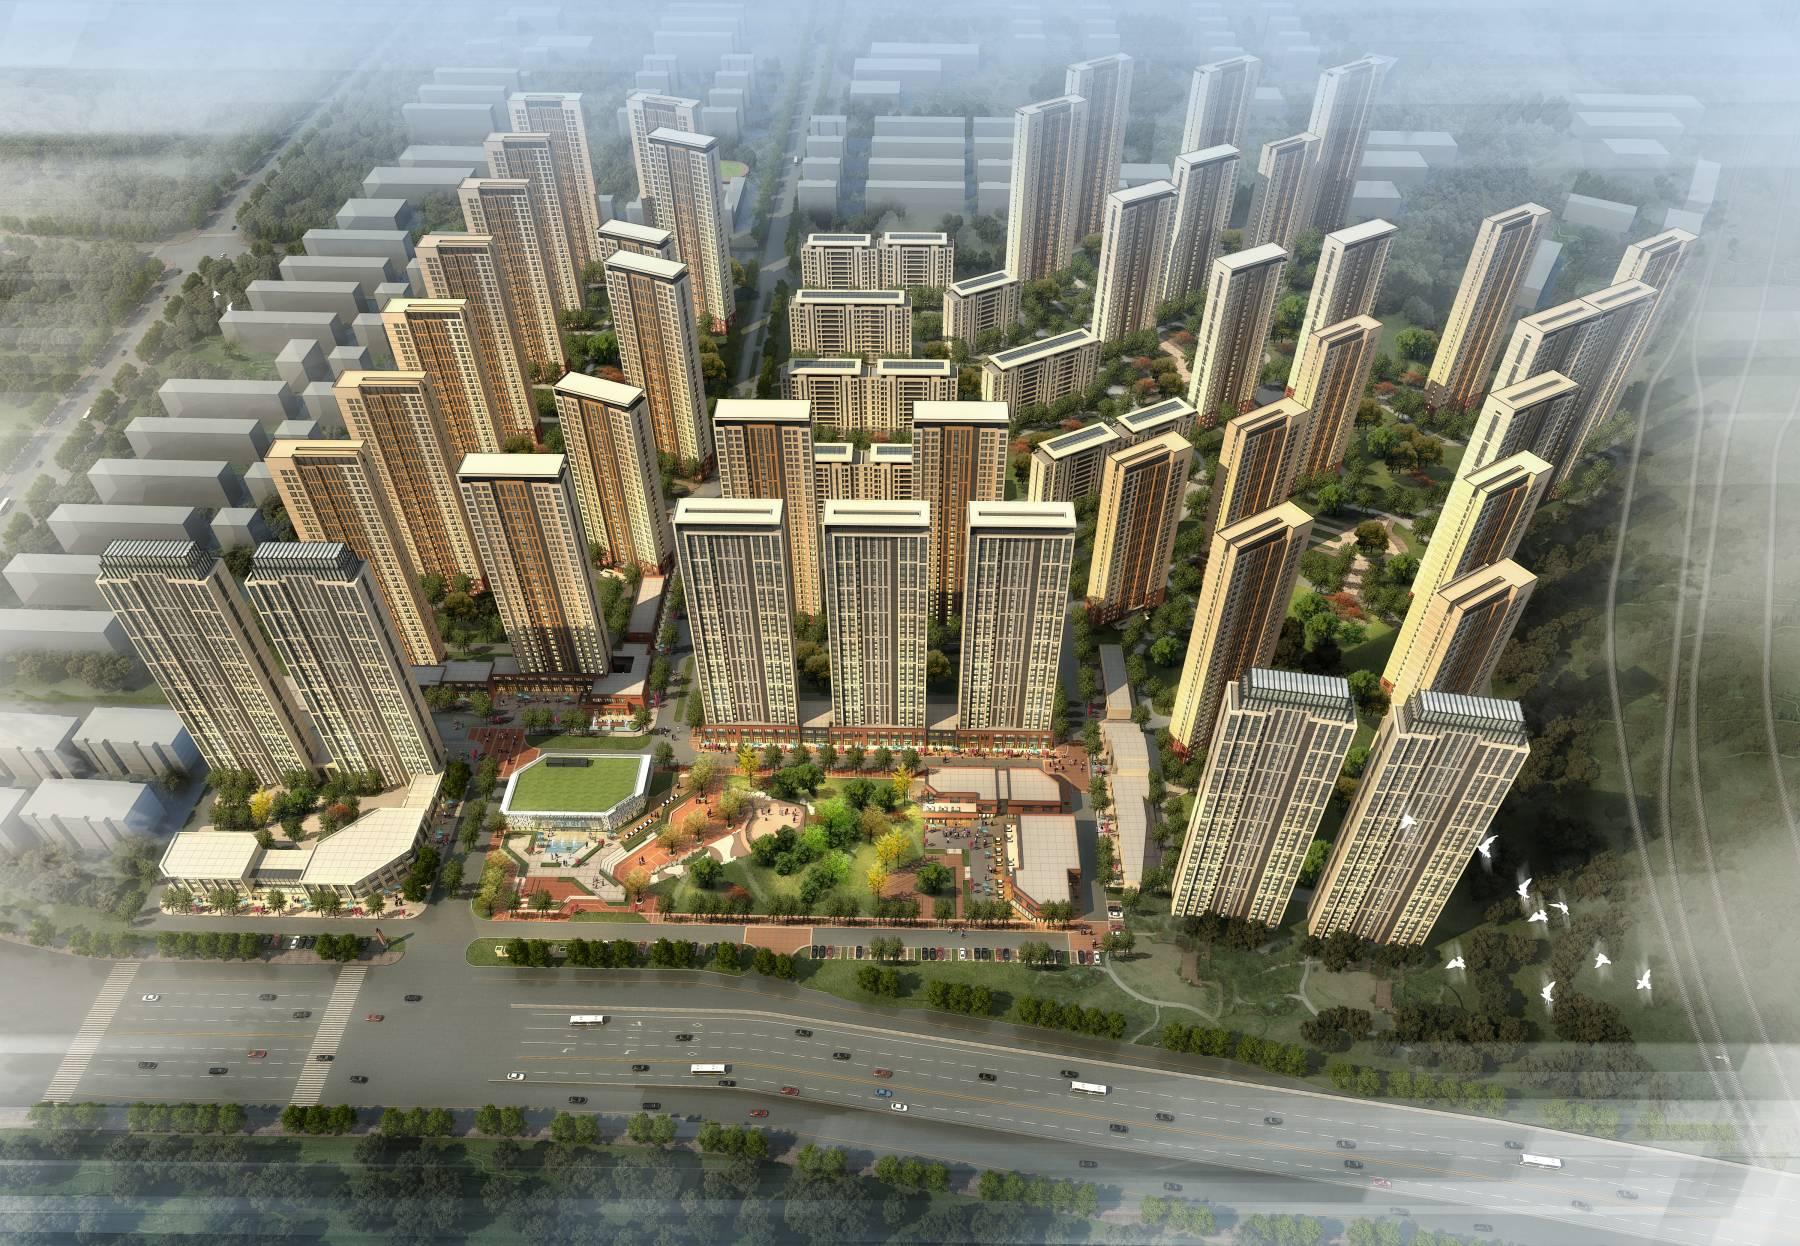 现代高层商业住宅小区